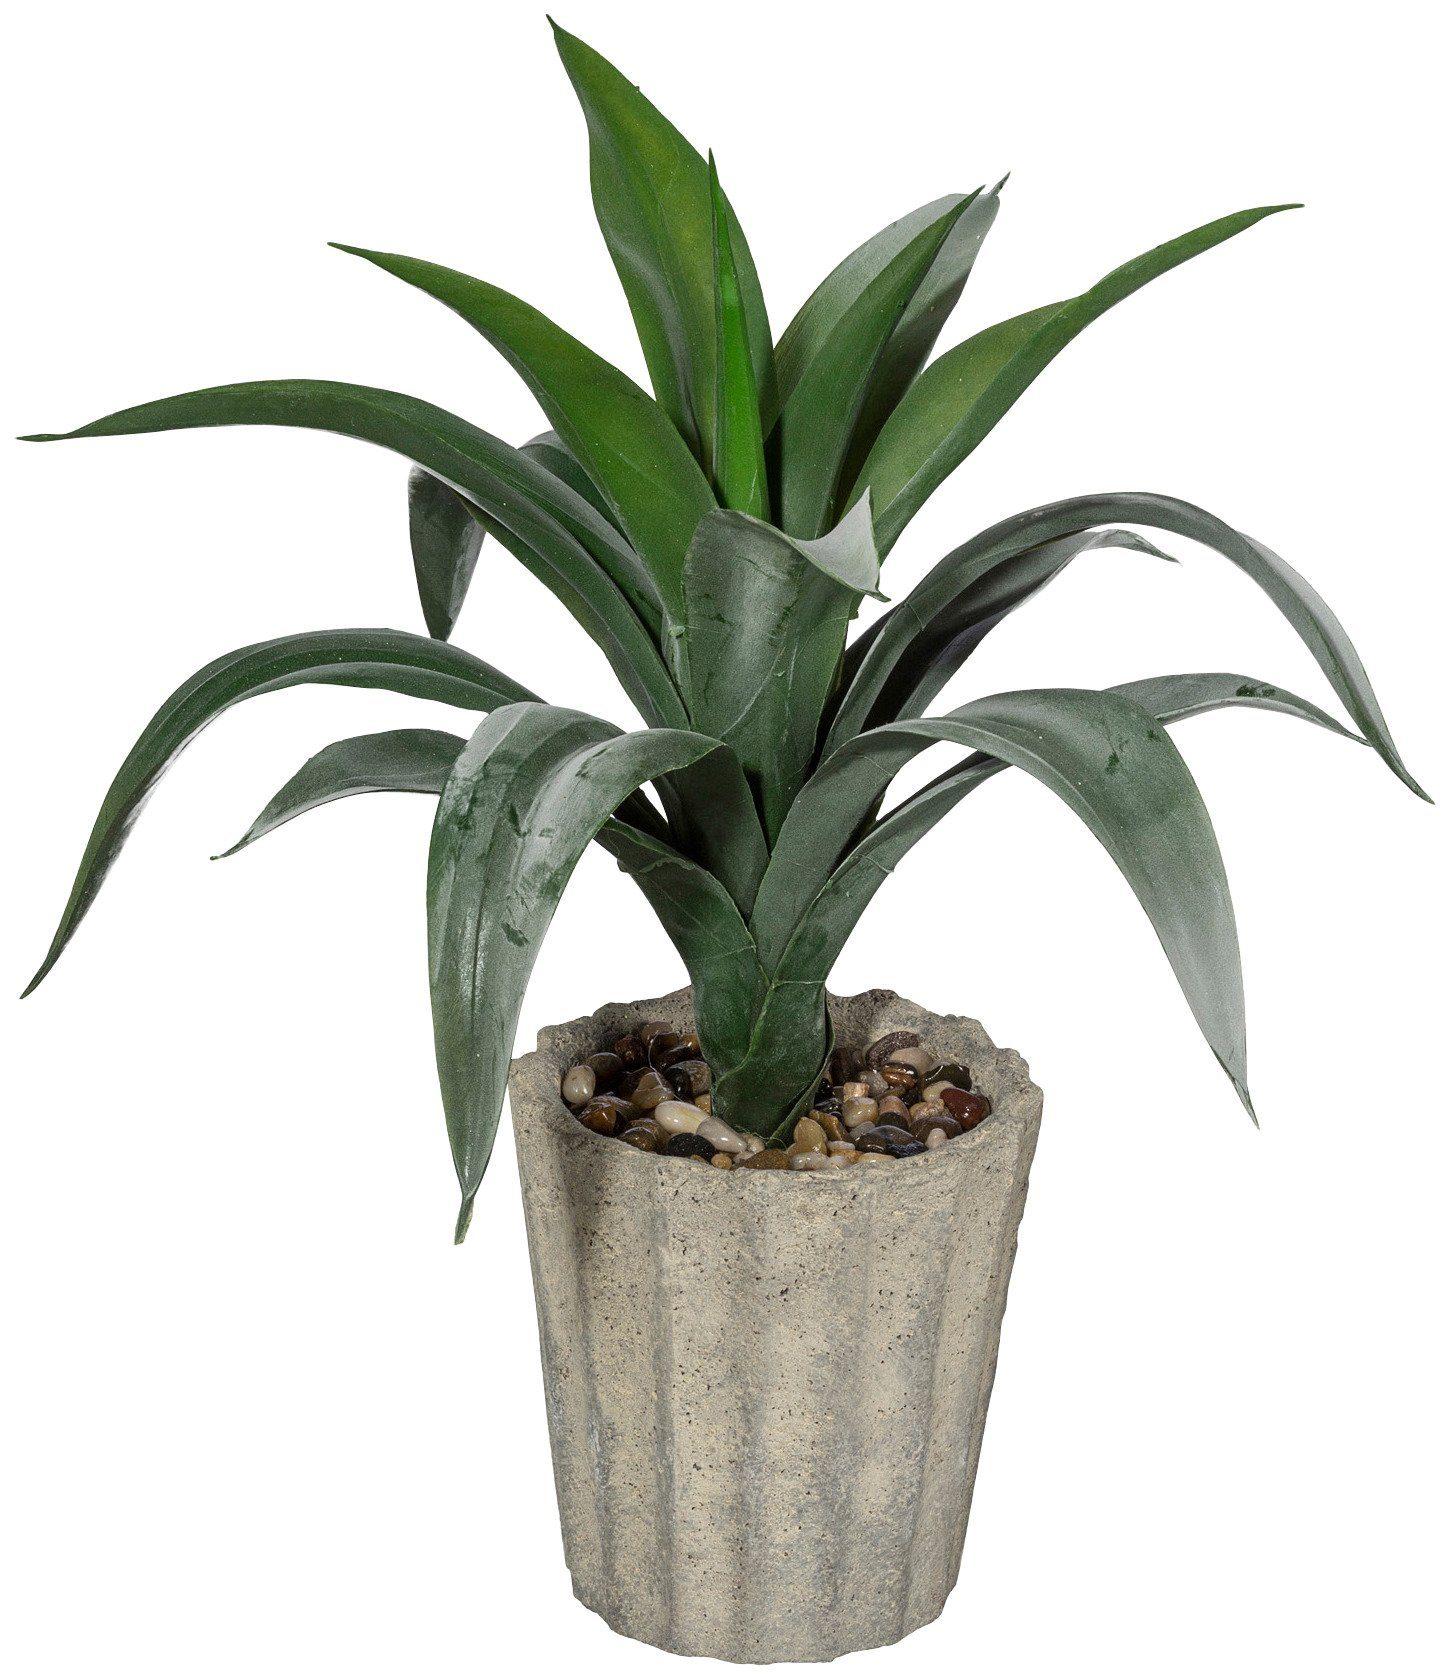 Kunstpflanze »Agave« inkl. Pflanzgefäß (H: 42 cm)